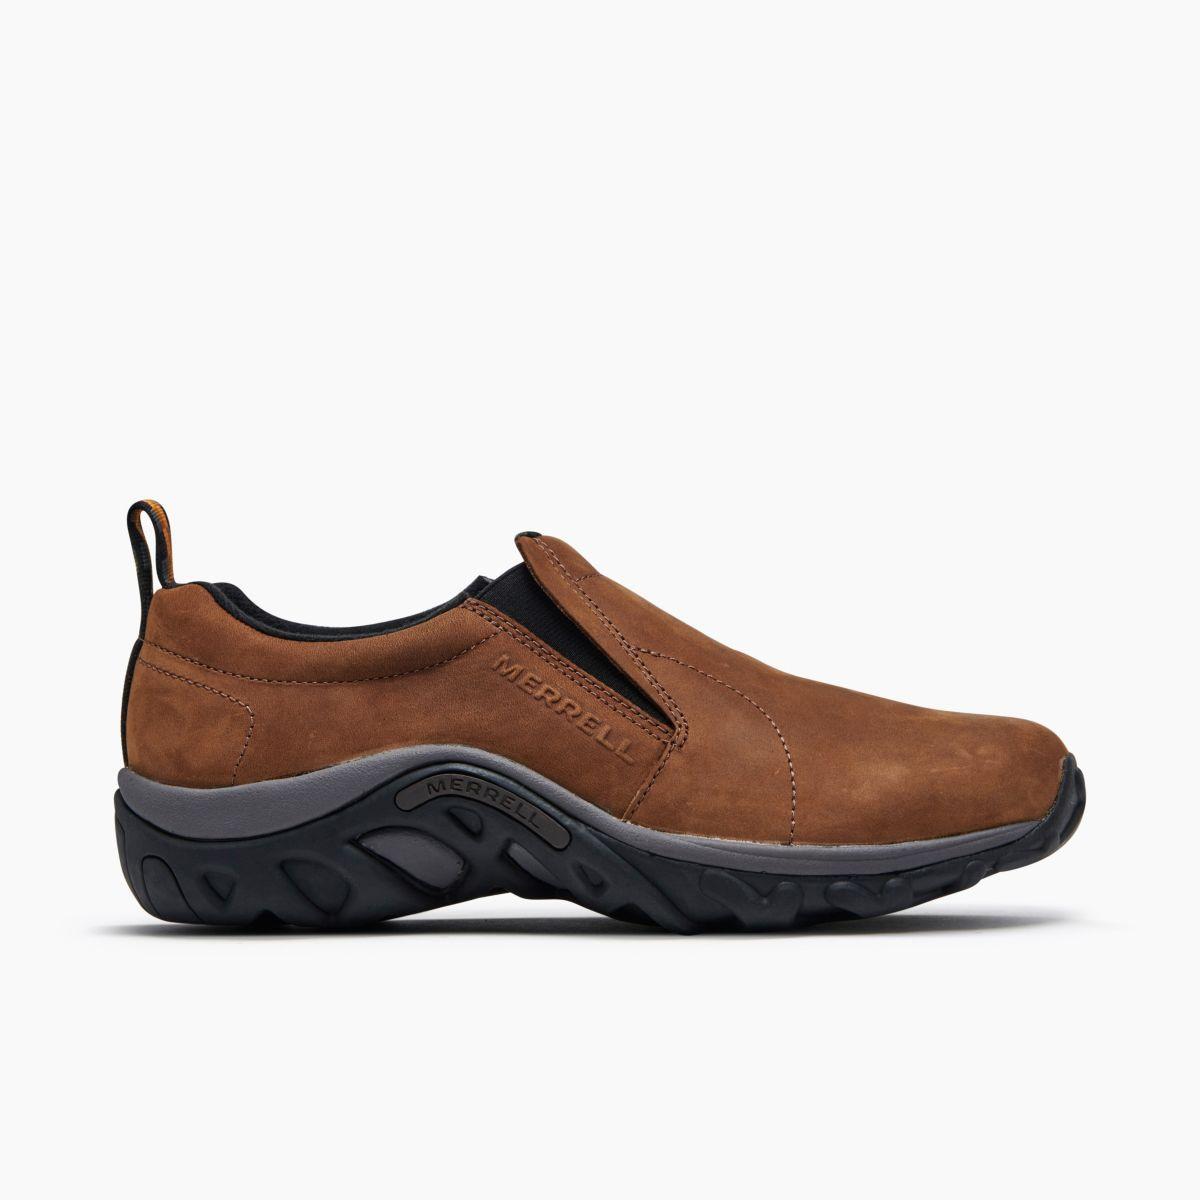 Jungle Moc Nubuck Shoe - Men's